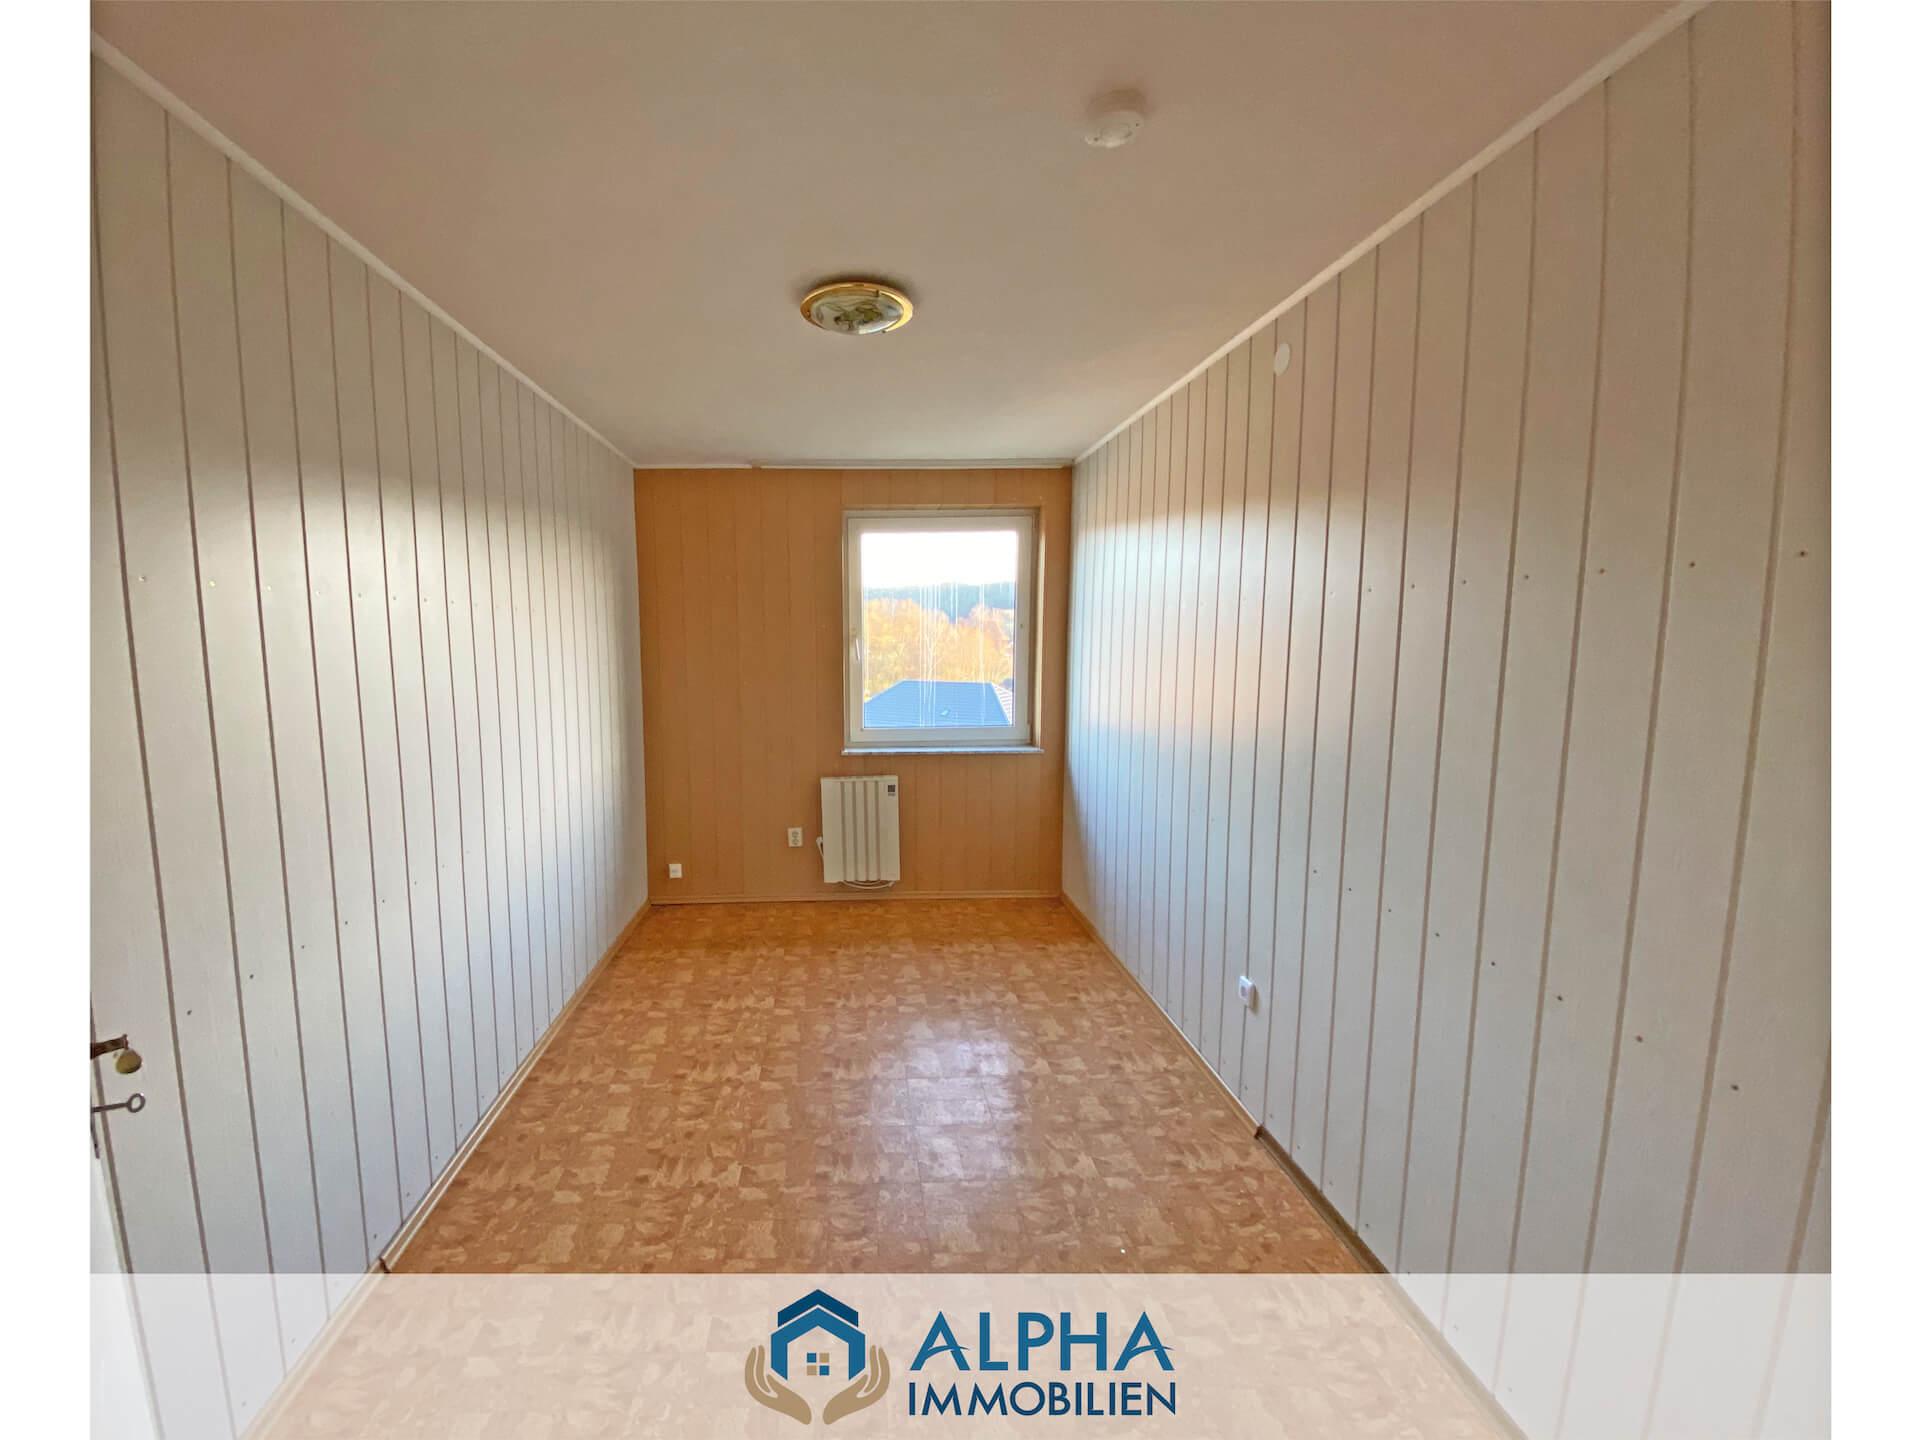 alpha-immobilien-20-8-53